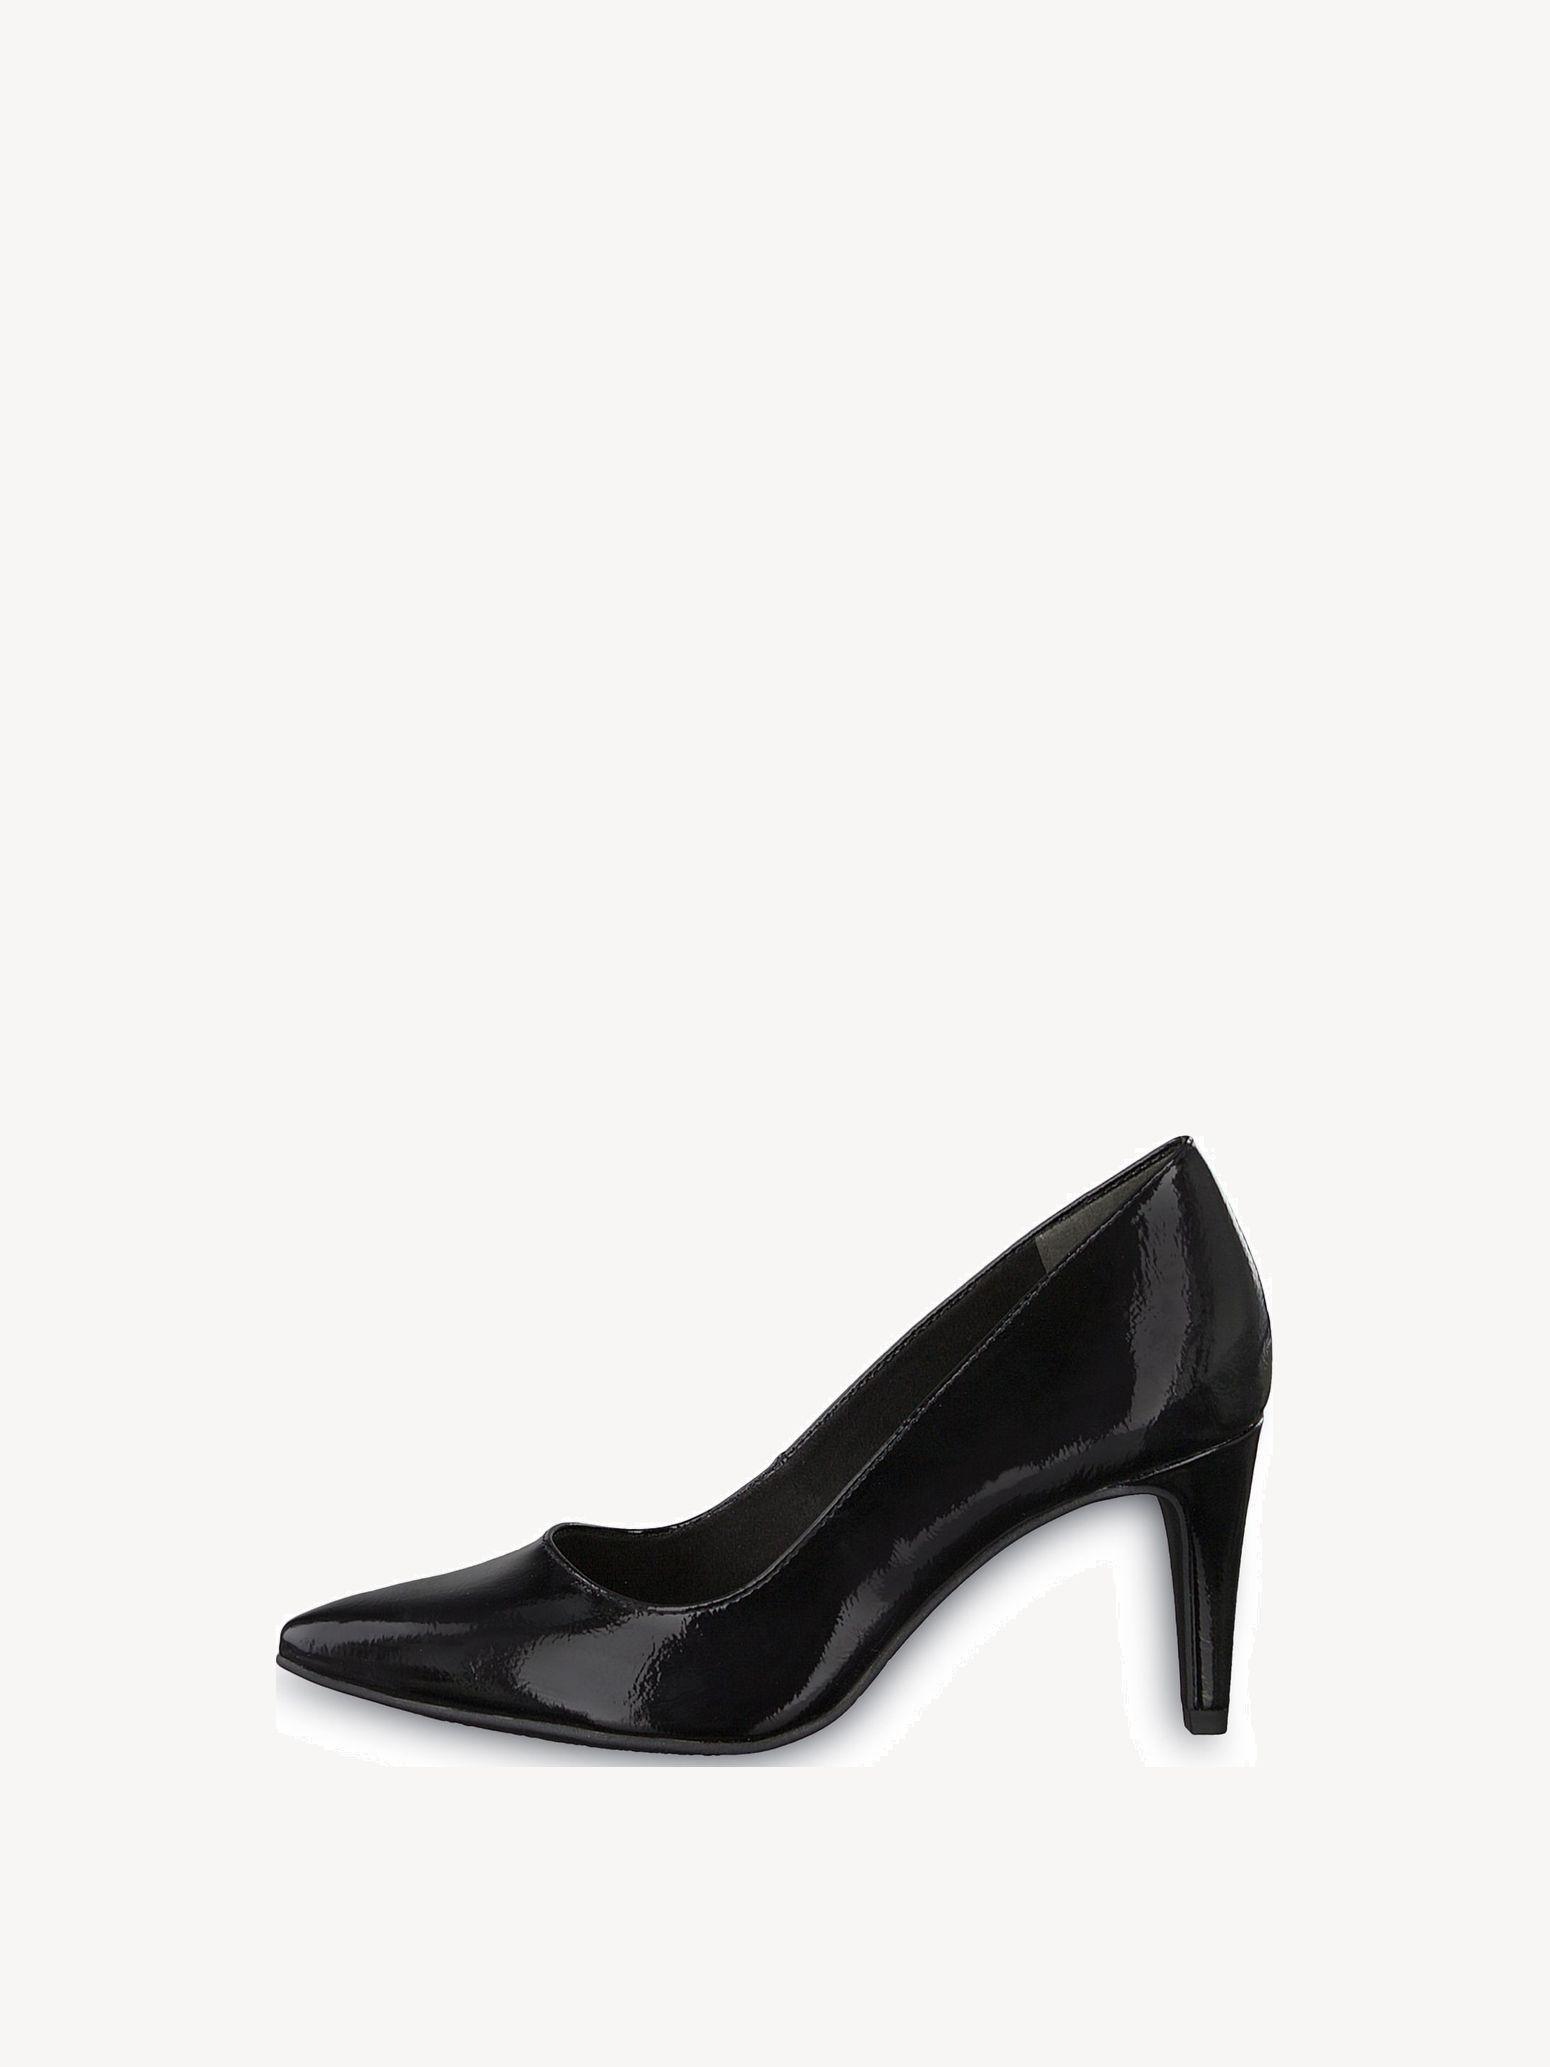 Tamaris Pumps 1 22447 Weiß Trichterabsatz Damen Schuhe